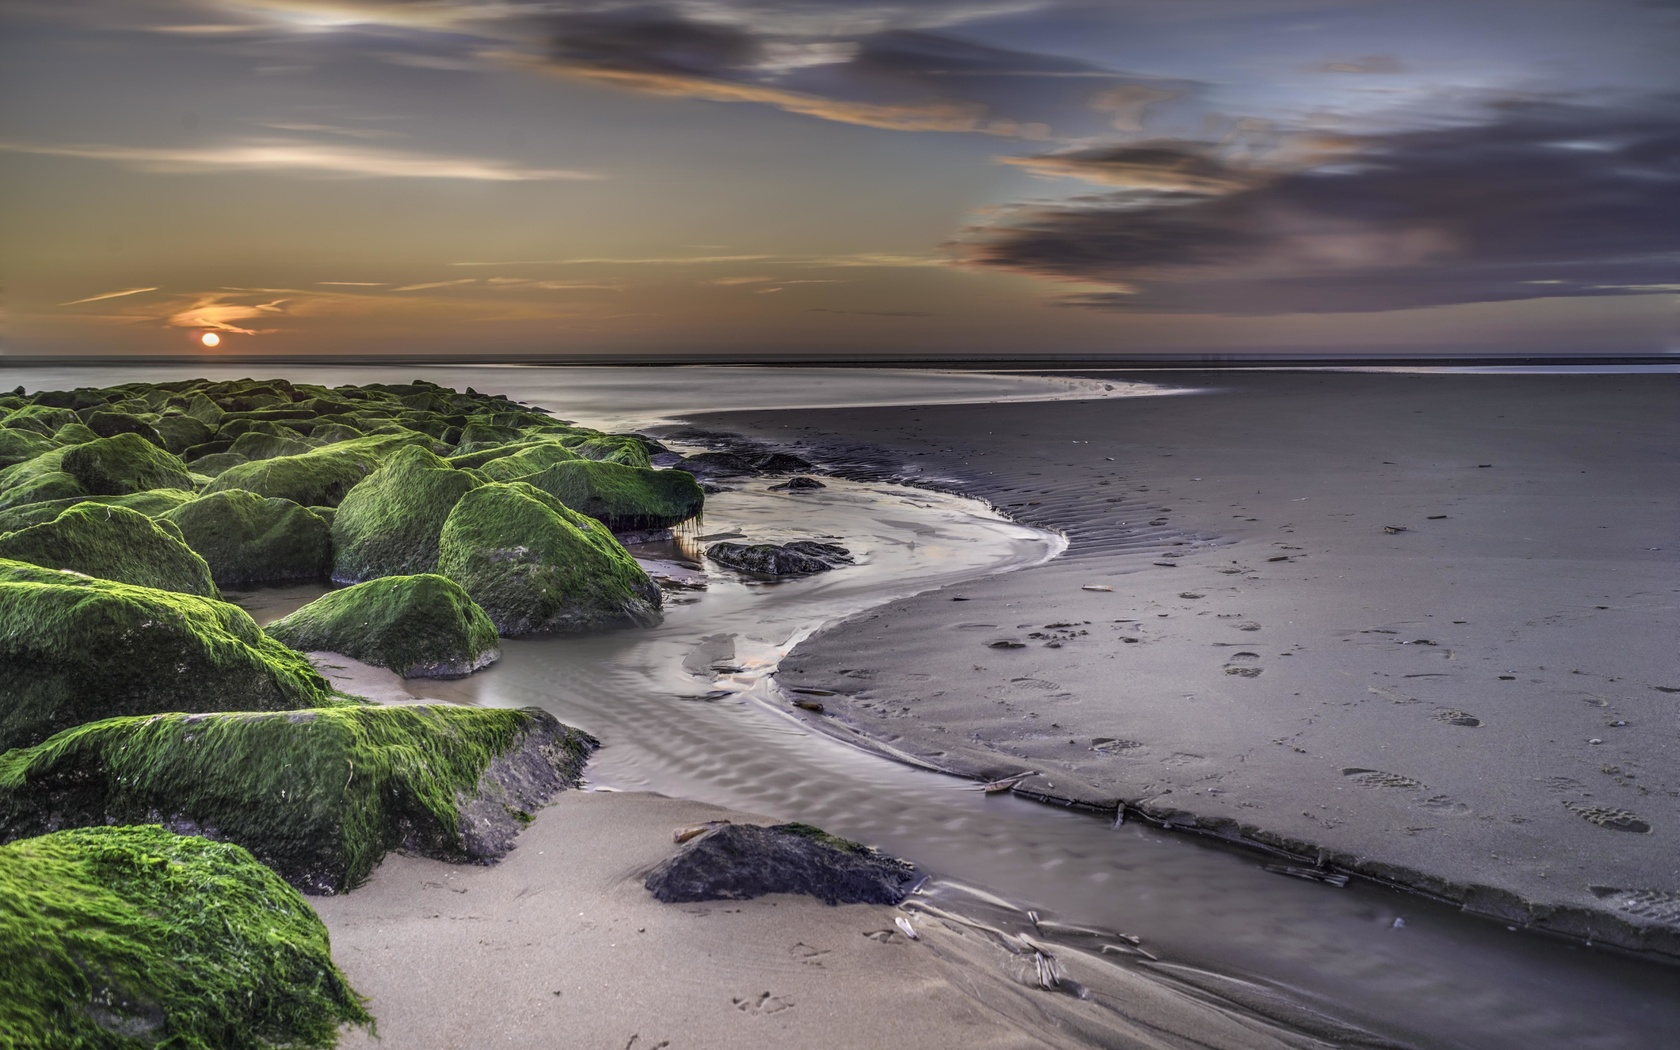 пейзаж, берег, горизонт, пляж